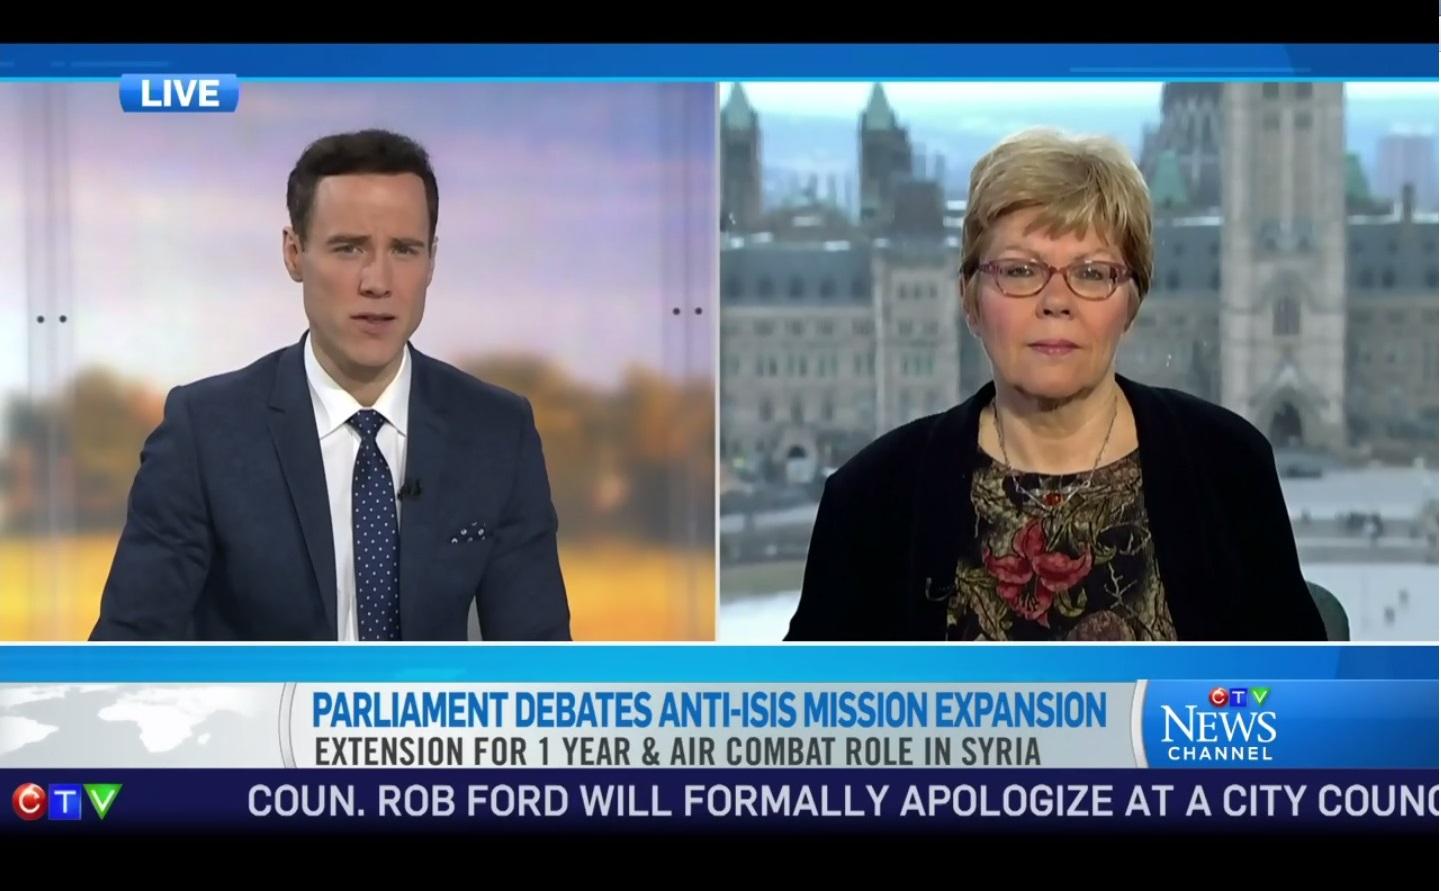 Peggy-Todd Van Der Heyden CTV interview March, 26 2015